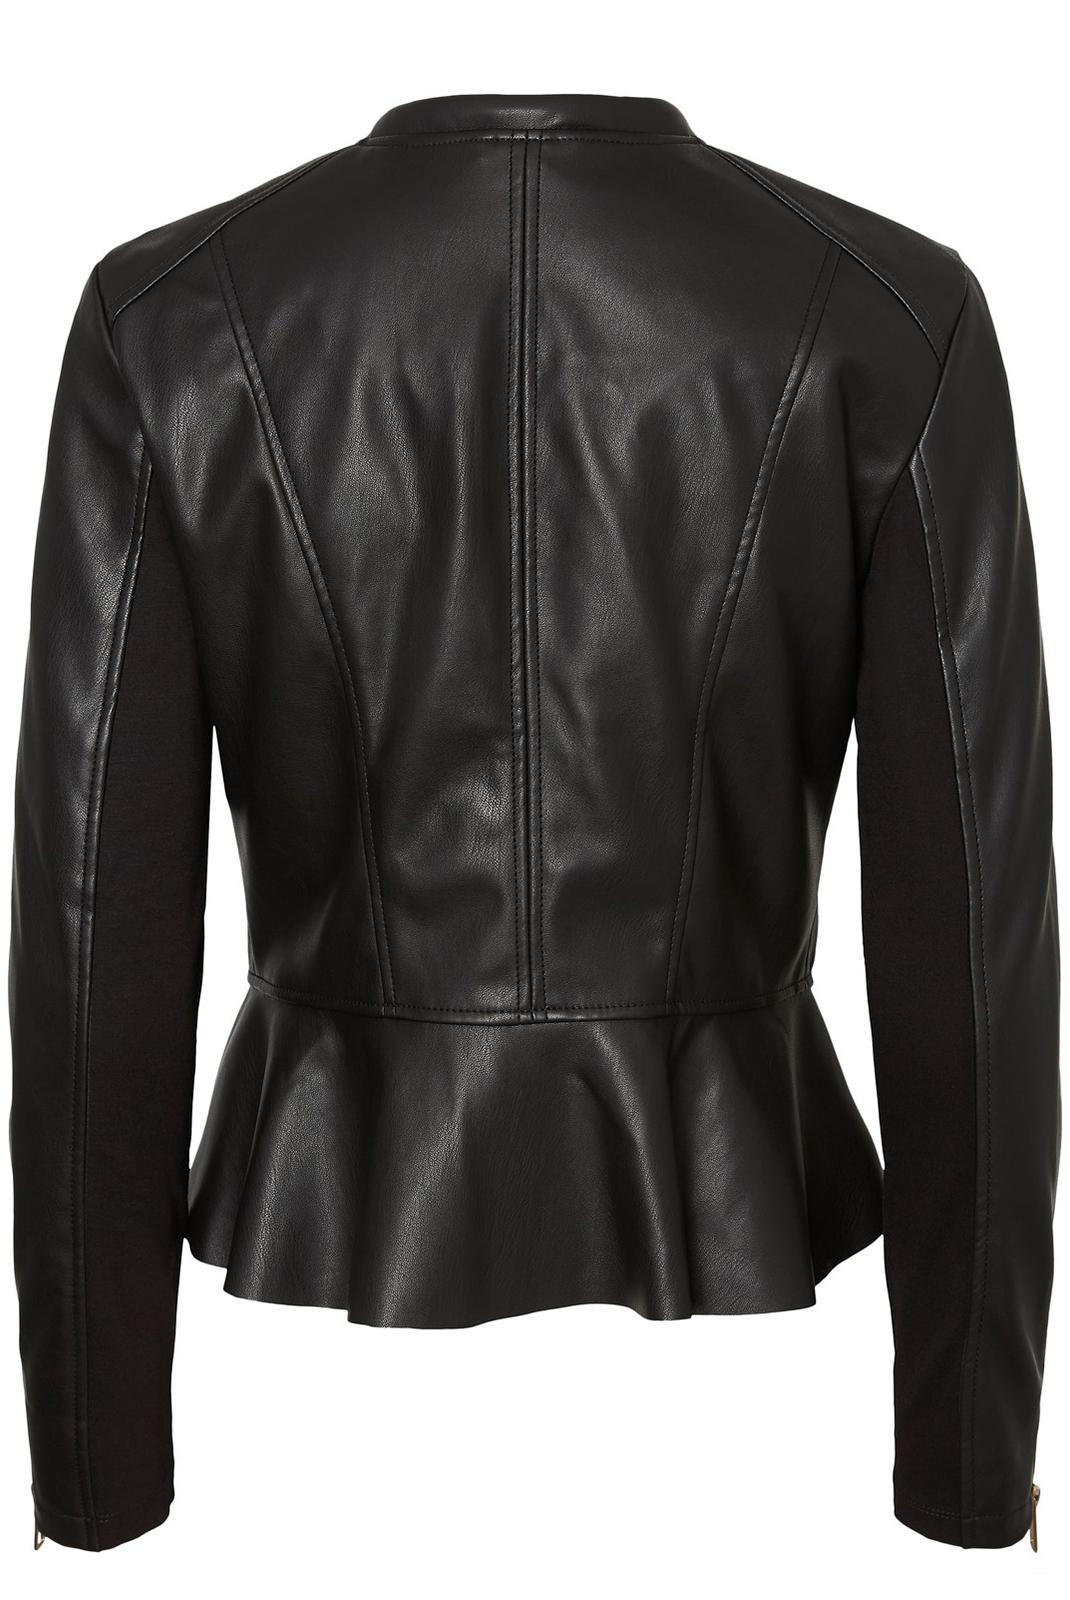 Vestes & blousons  Vero moda ELLIS BUTTER SHORT FAUX LEATHER JACKET Black